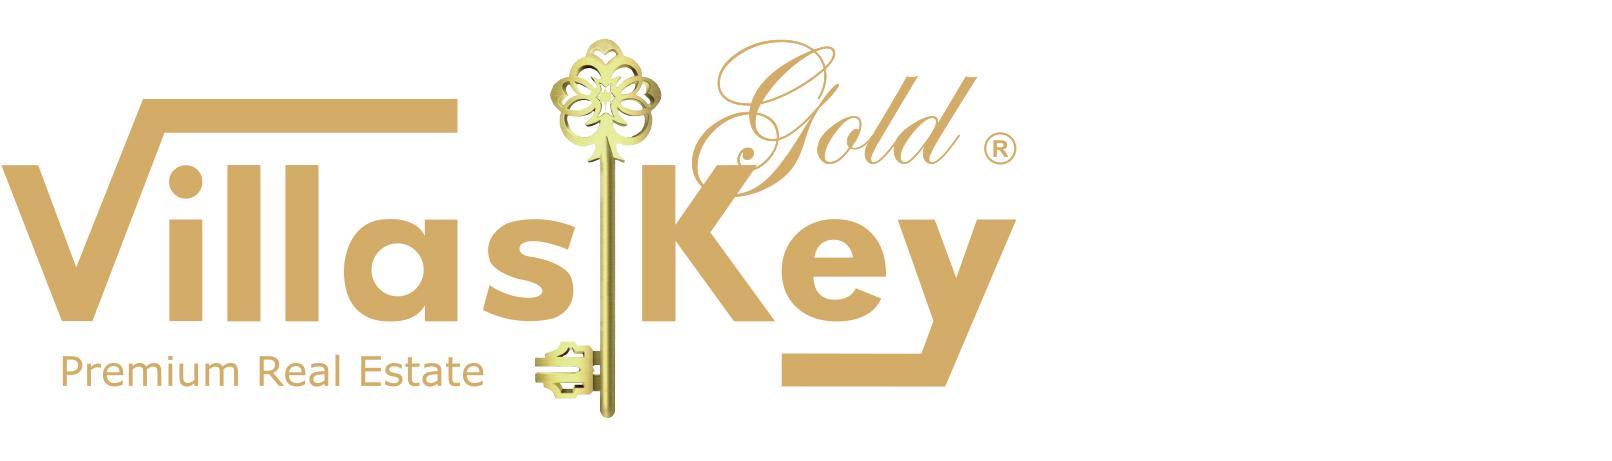 Villas Key Gold - Guia Imobiliário